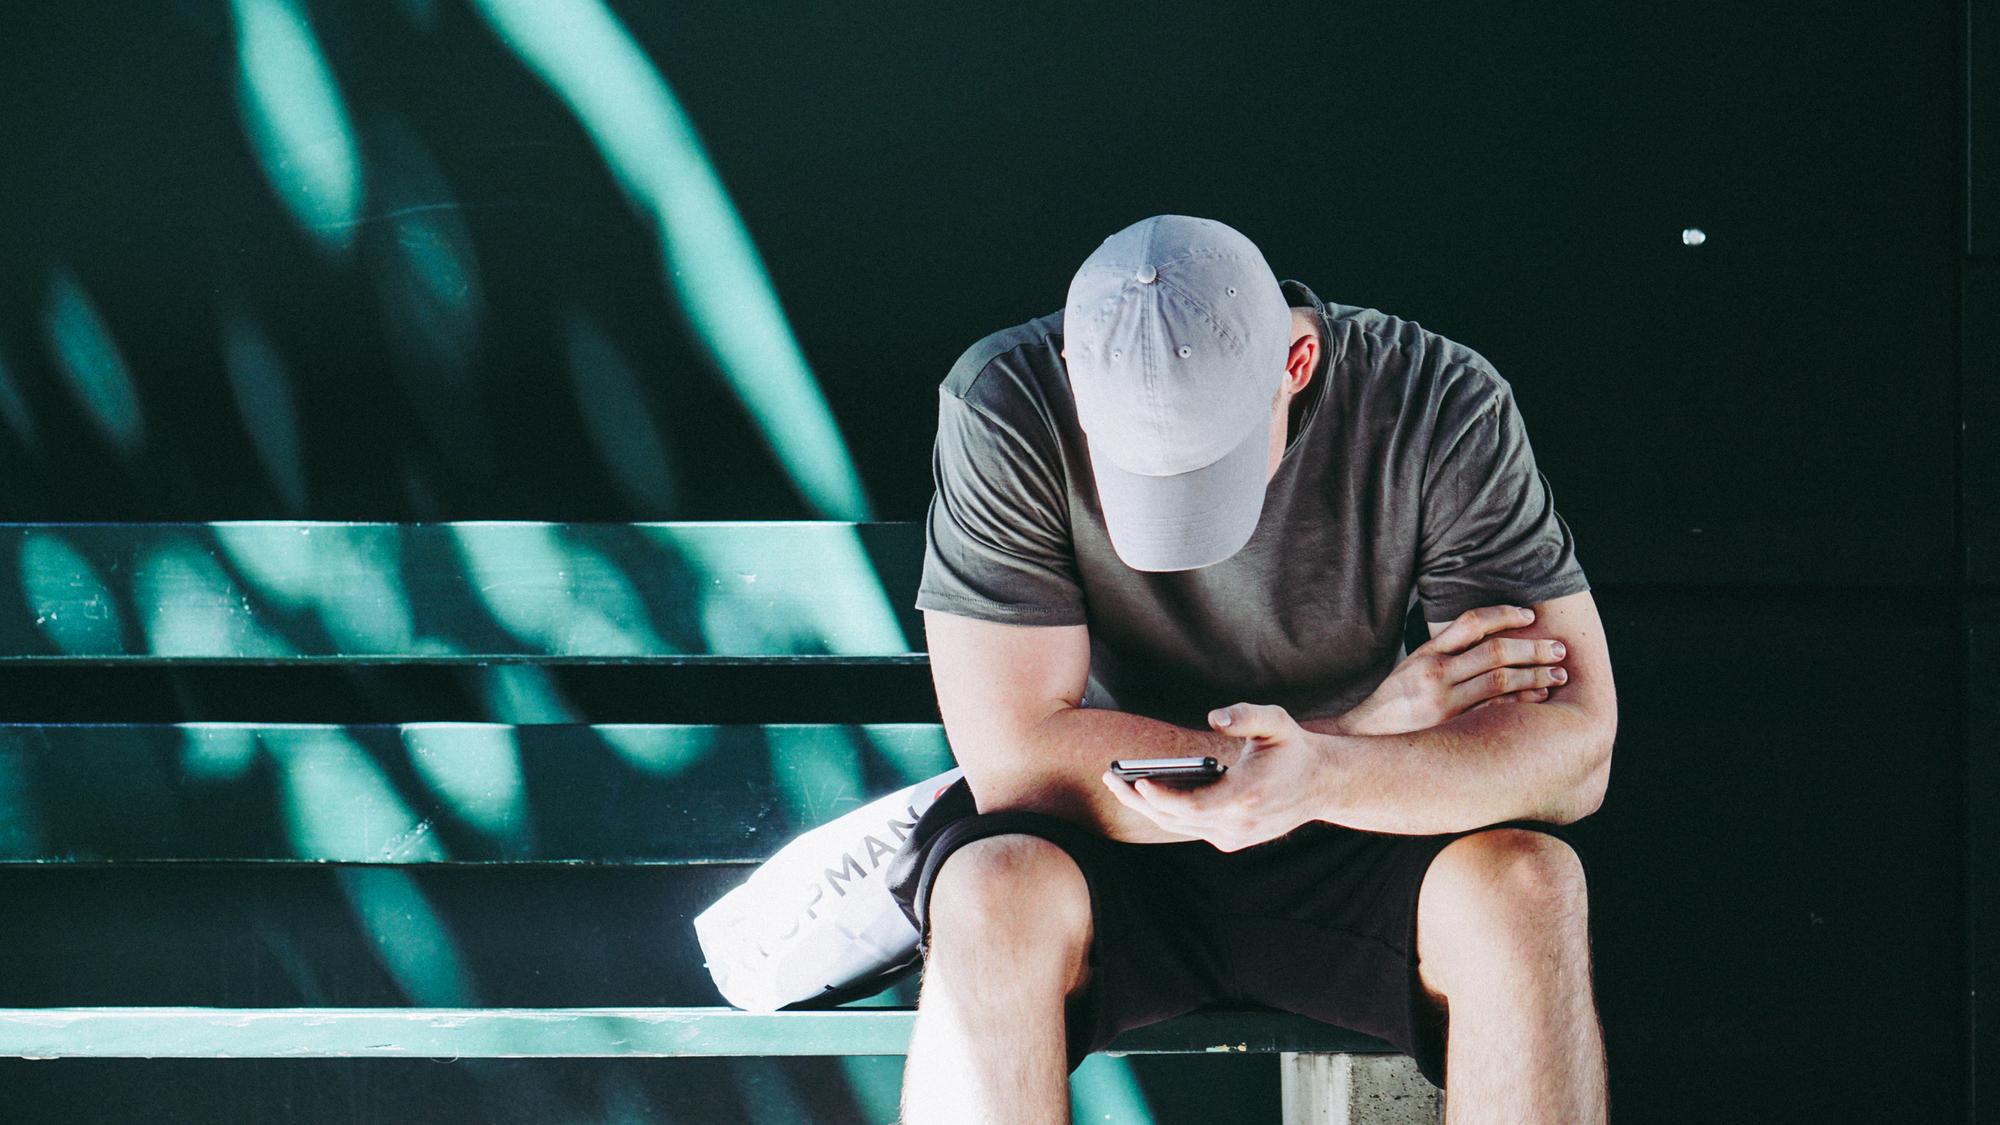 Man staring at phone